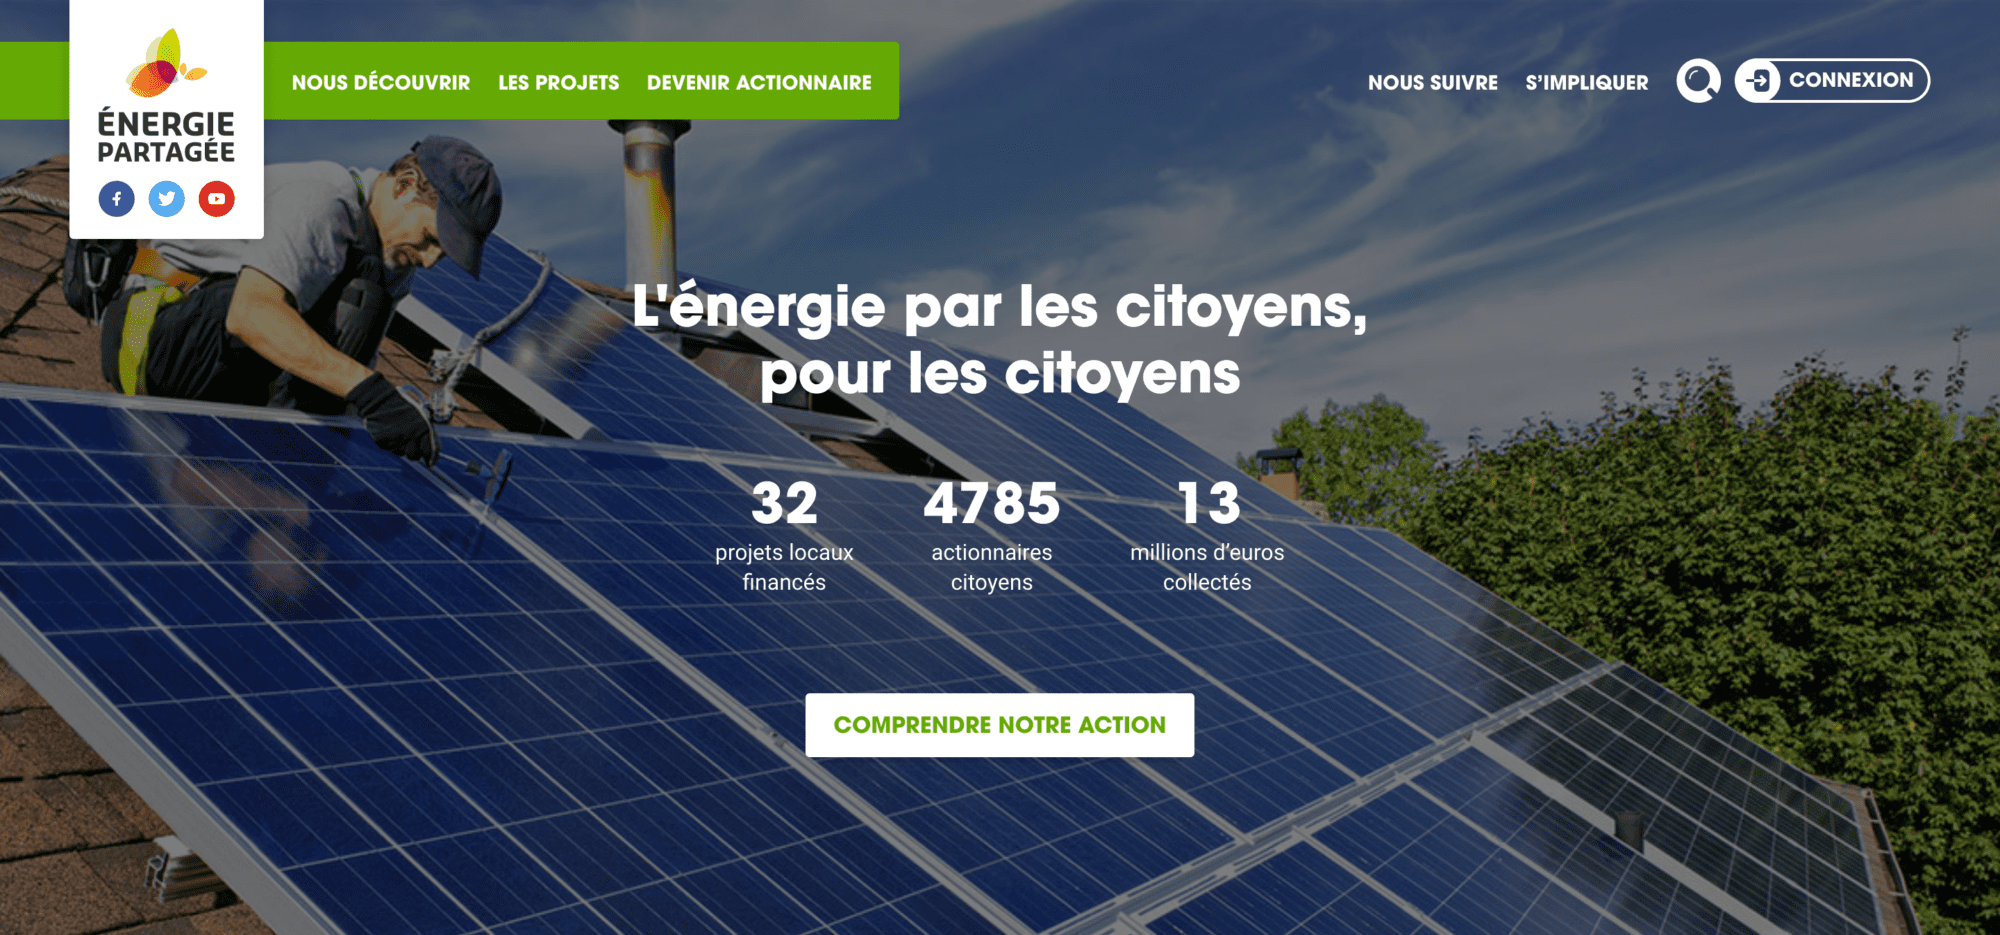 Page d'accueil Énergie Partagée